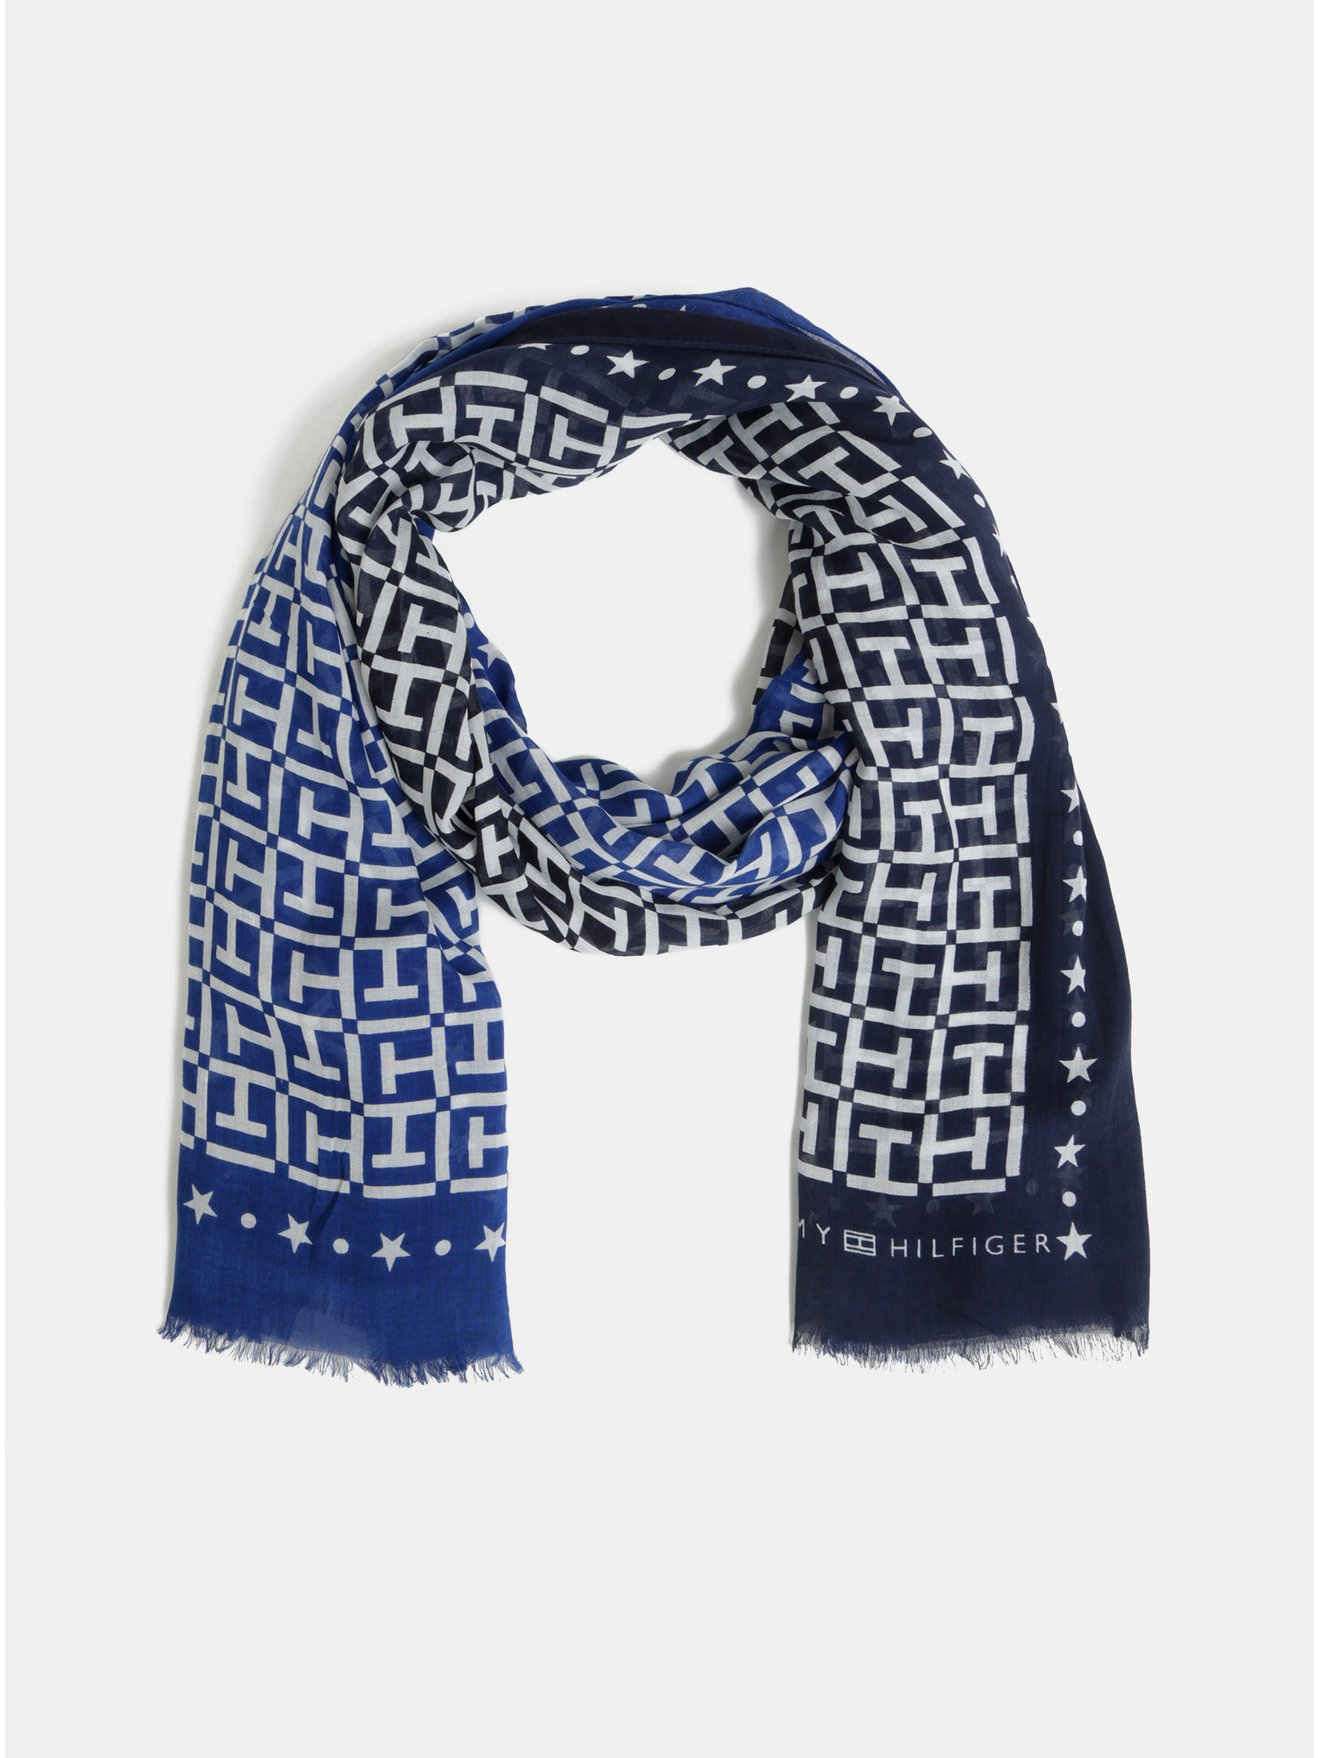 9e181fed6 Modro-bílý dámský vzorovaný šátek Tommy Hilfiger